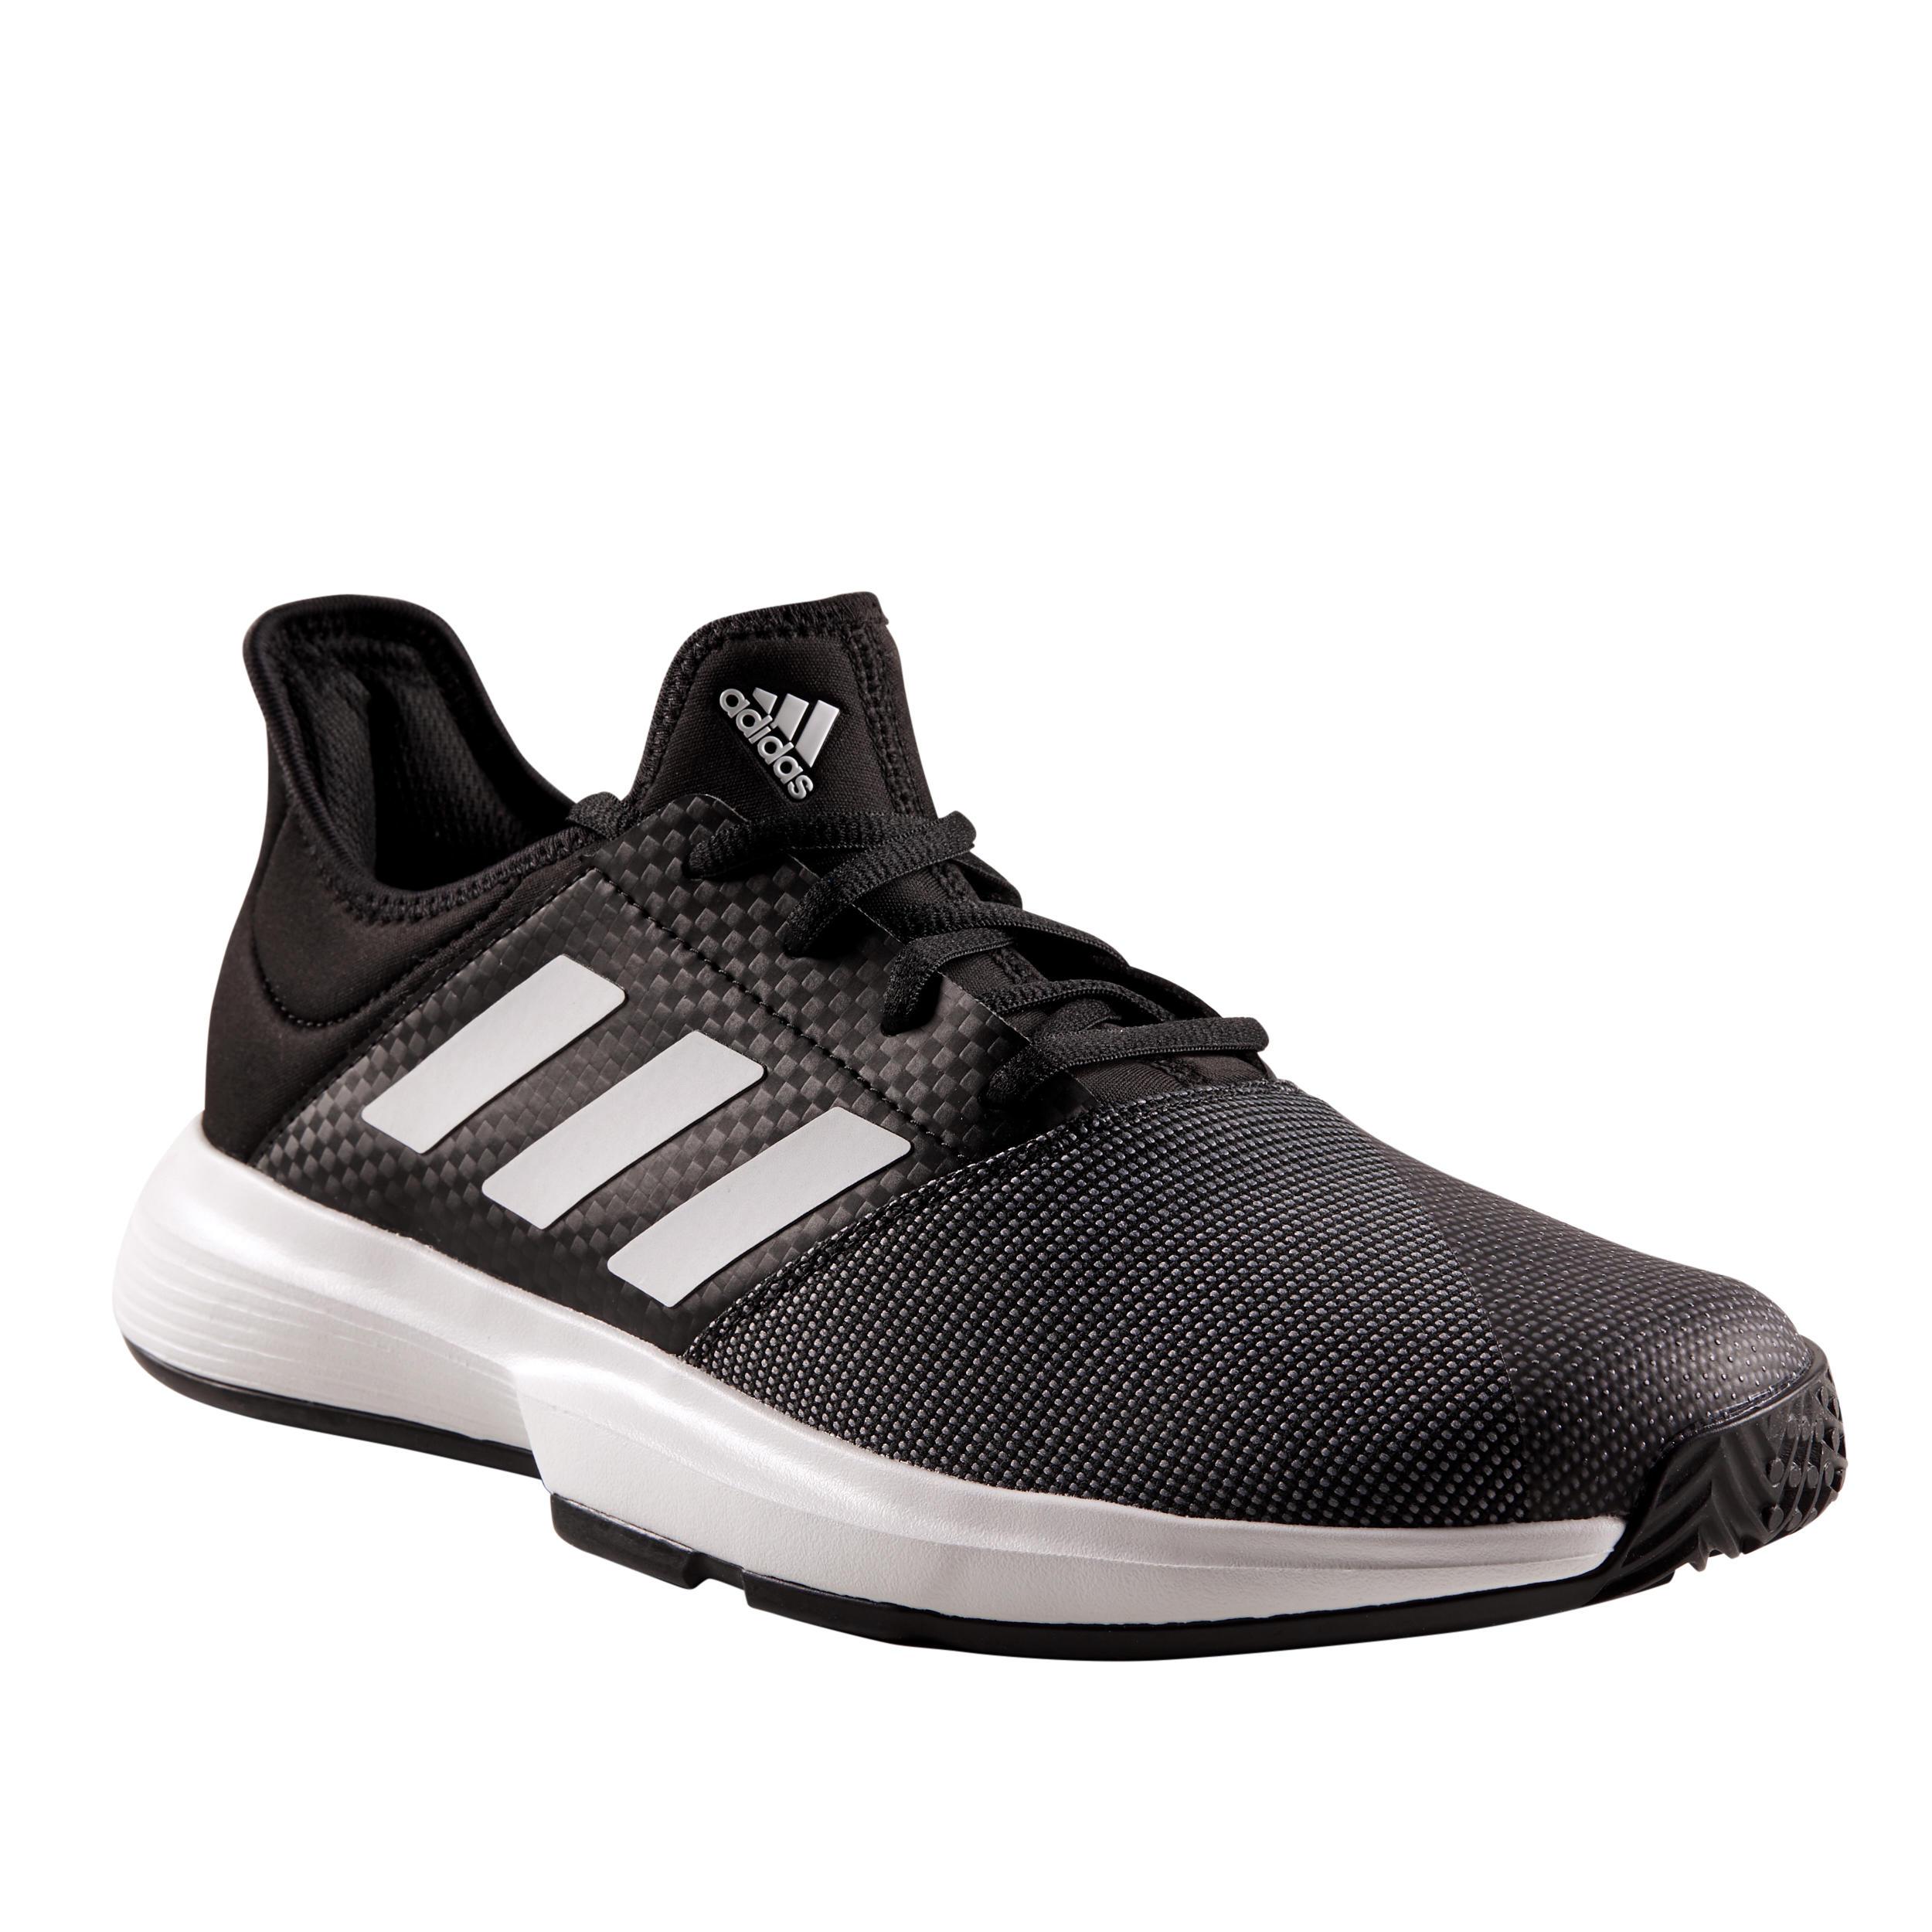 adidas scarpe tennis uomo